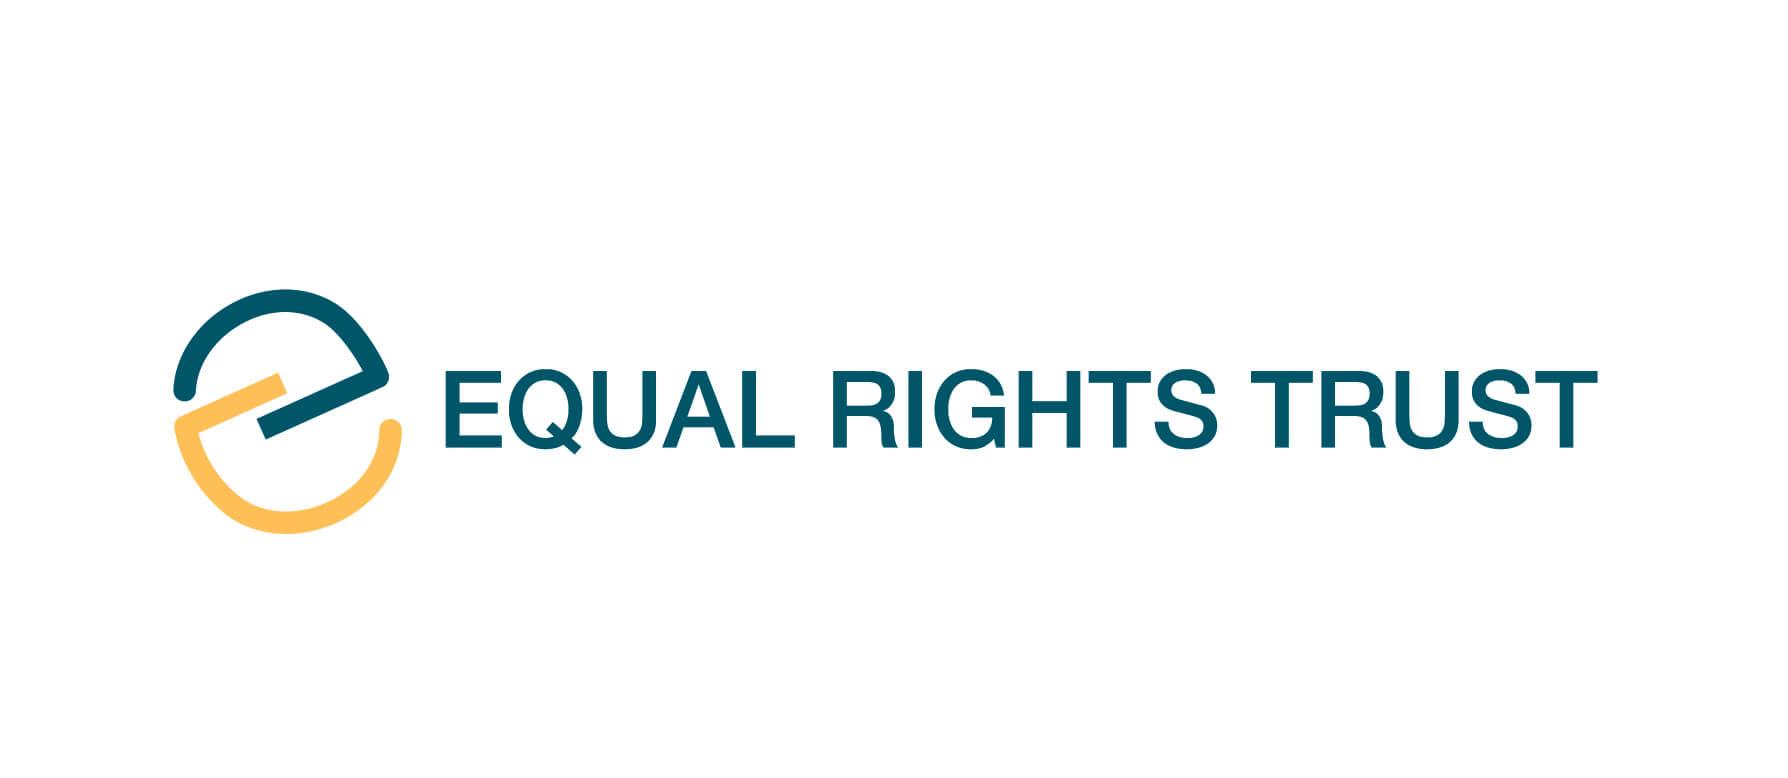 Bob Hepple Equality Awards TONIGHT